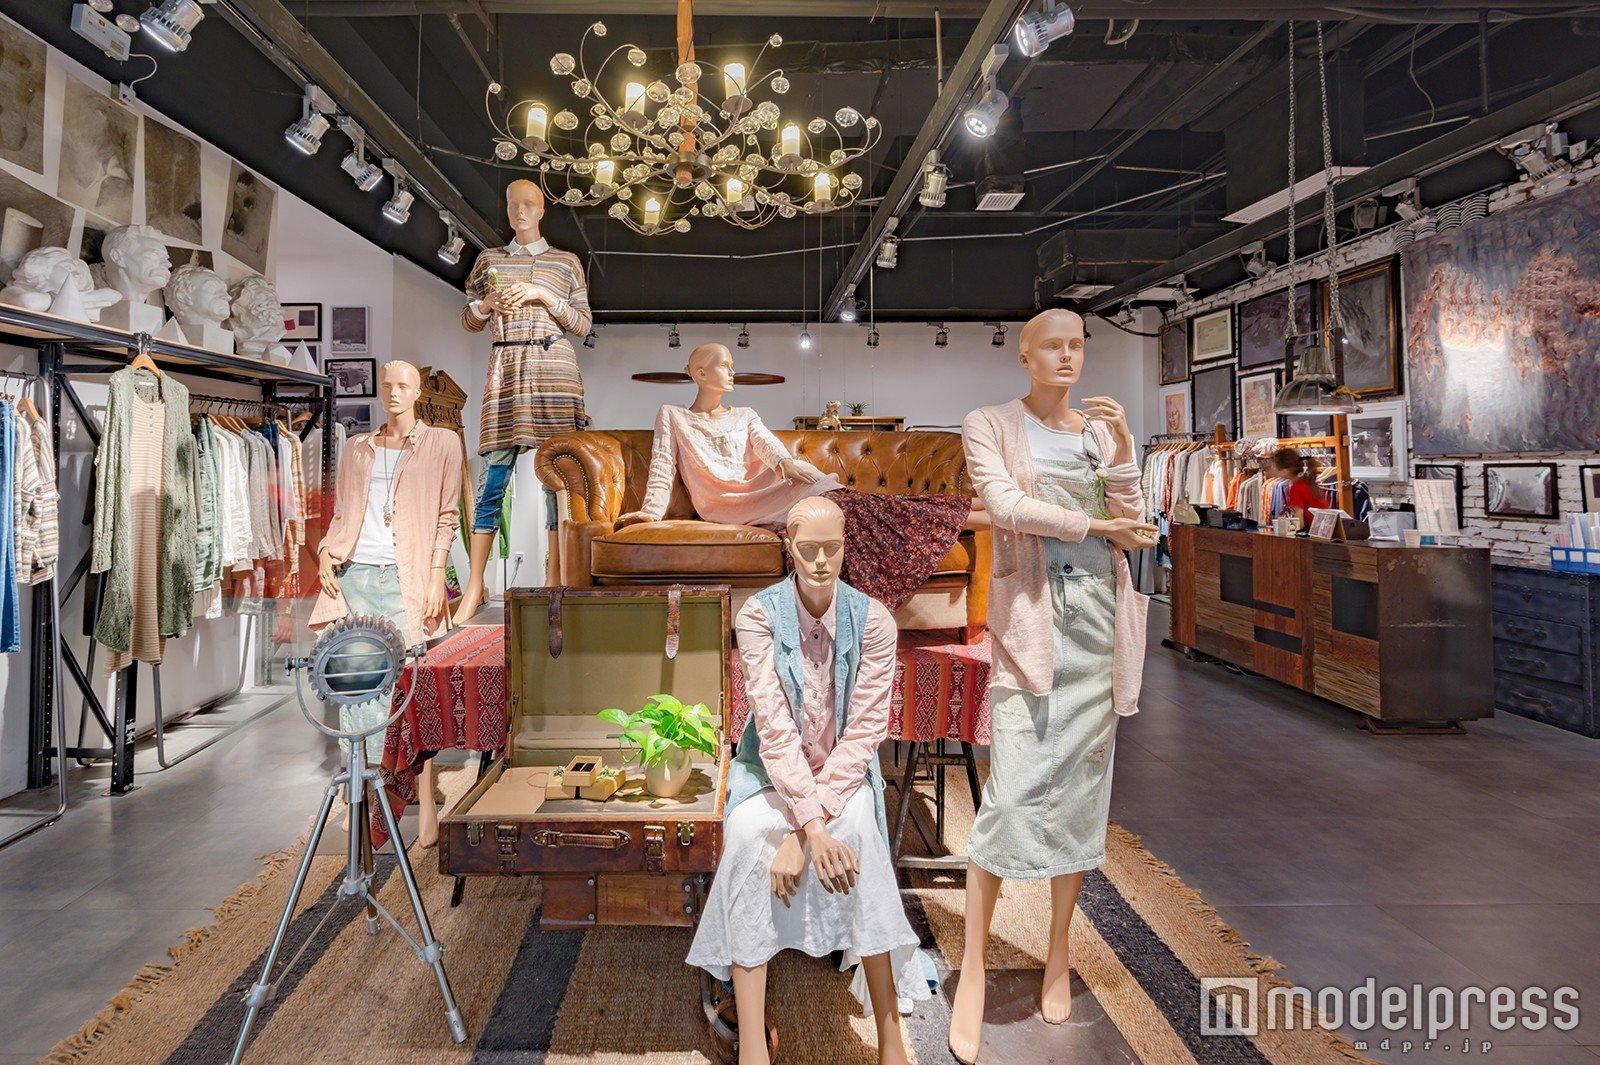 ポップアップストアとは?常設店舗とは違うアパレル販売のメリット/Photo by SnvvSnvvSnvv